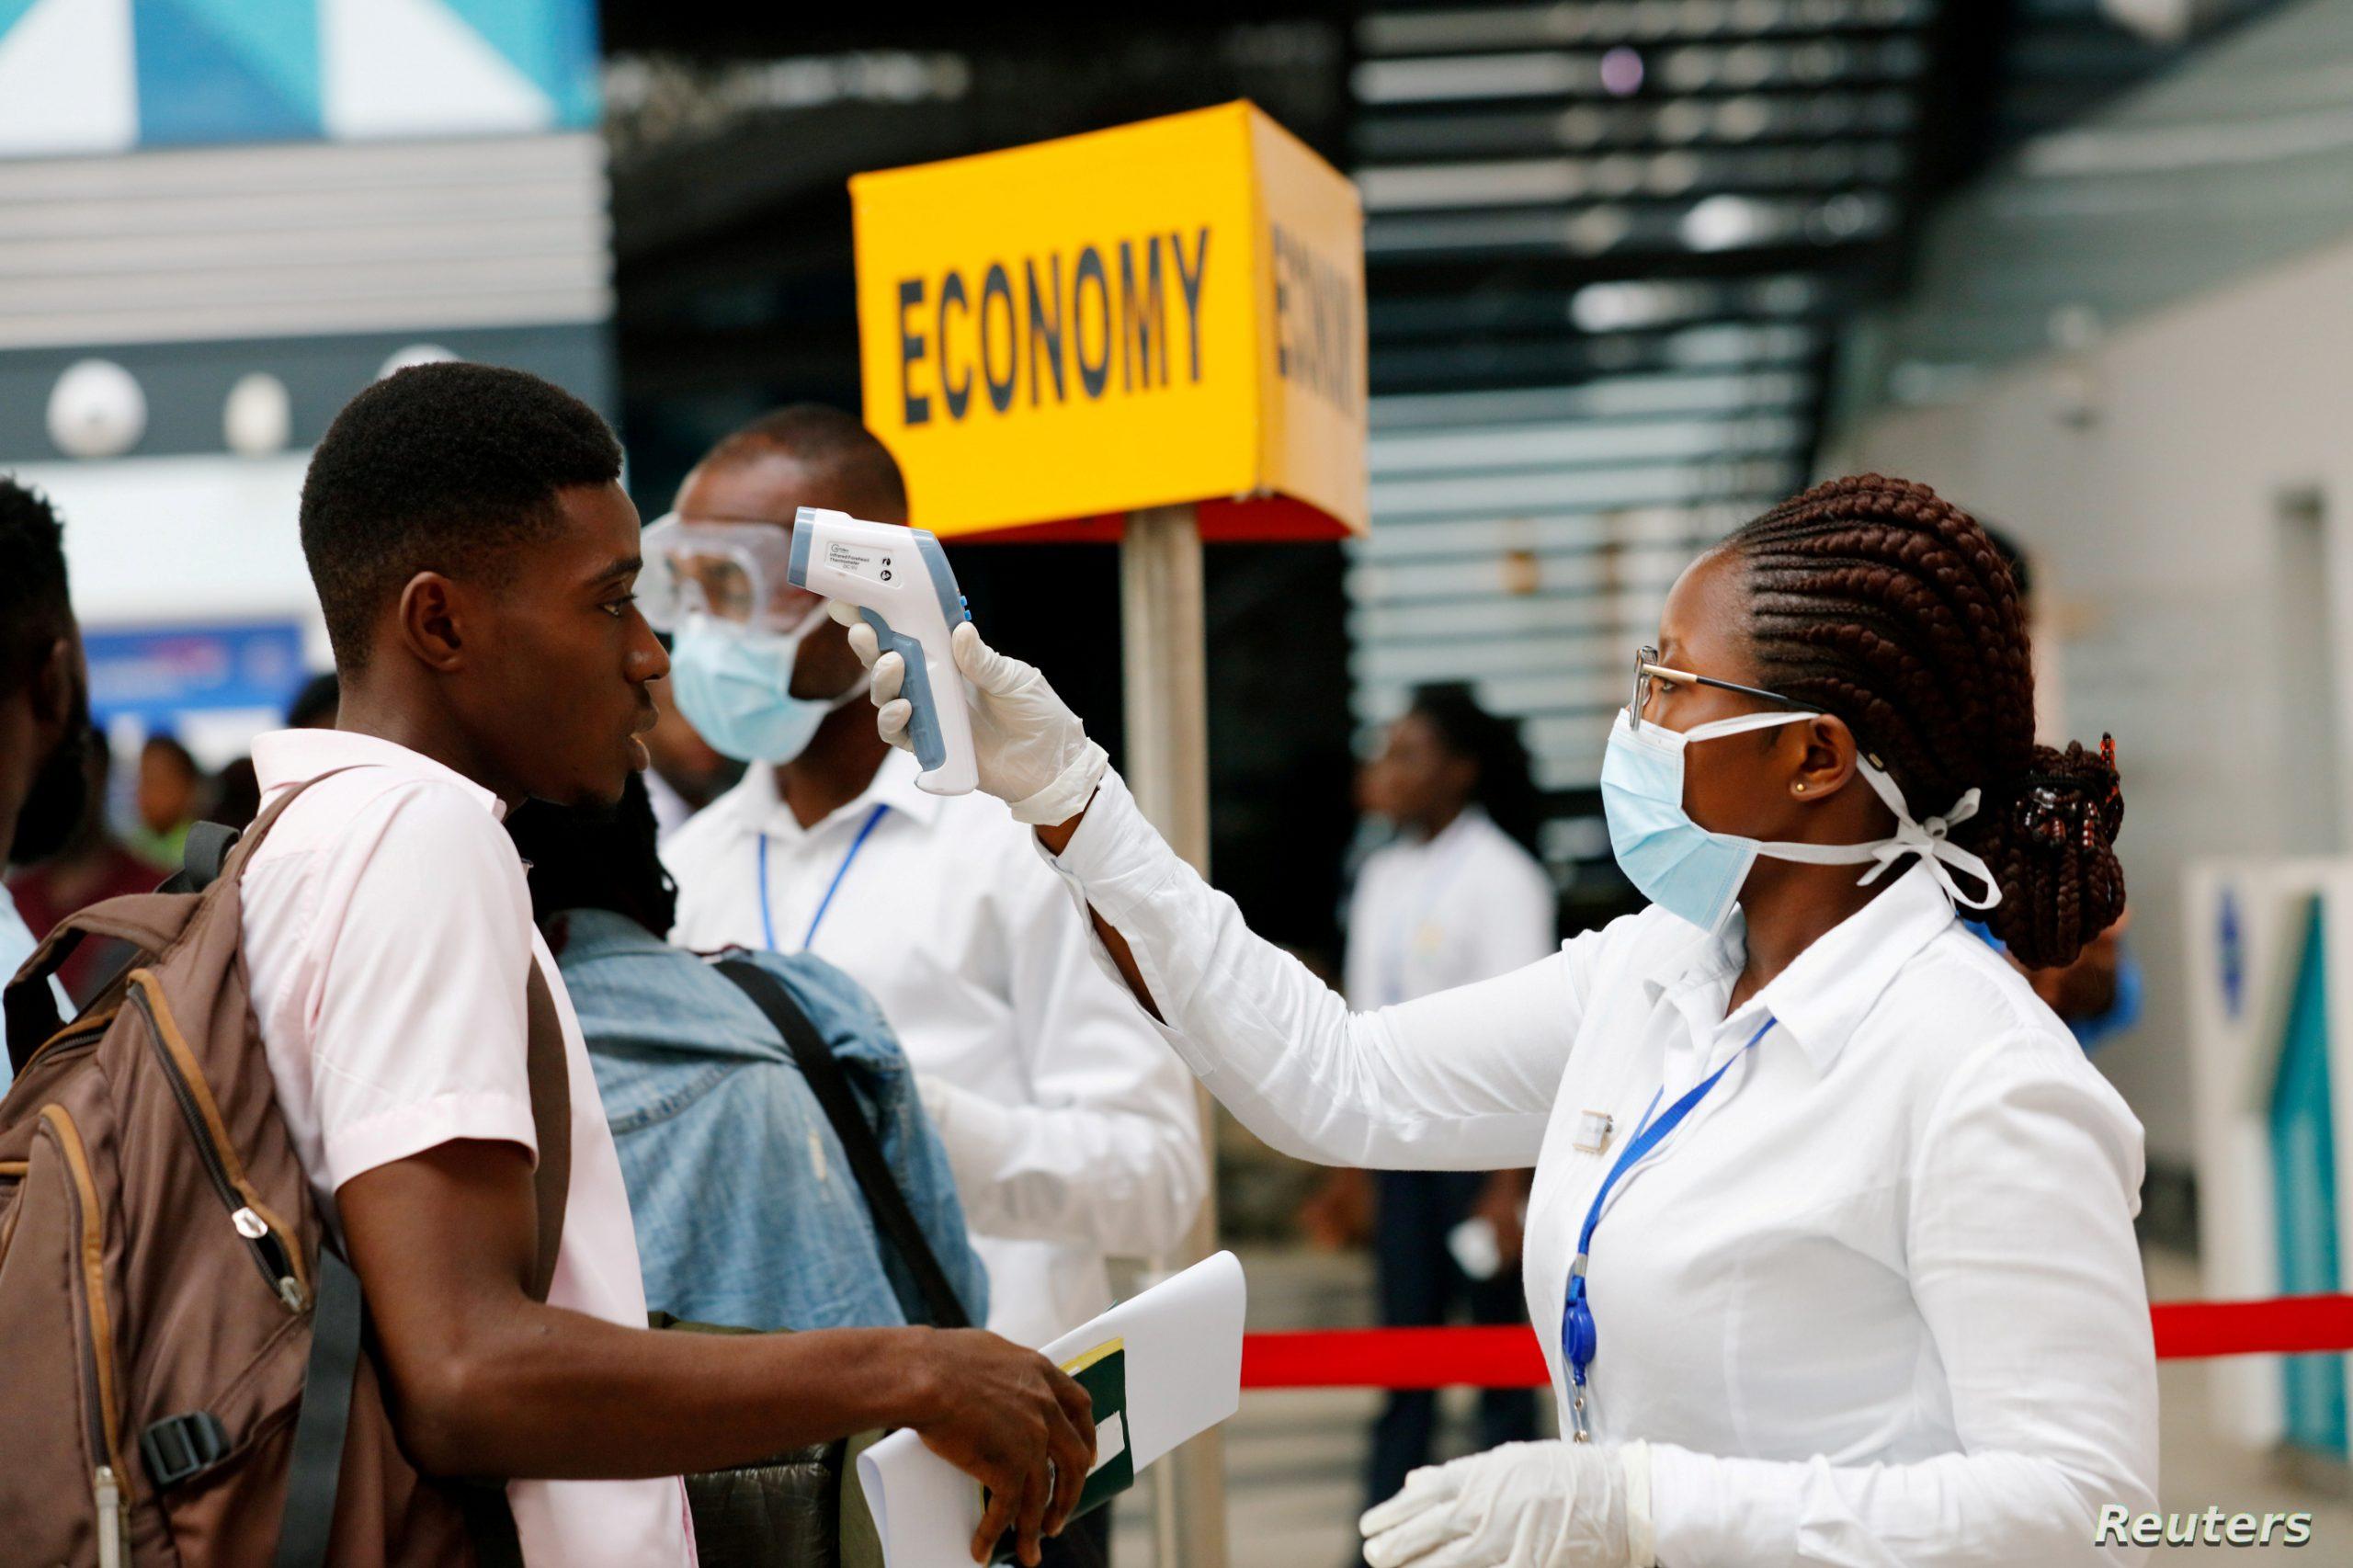 إفريقيا تتخطى عتبة الـ100 ألف إصابة بفيروس كورونا - أموال الغد